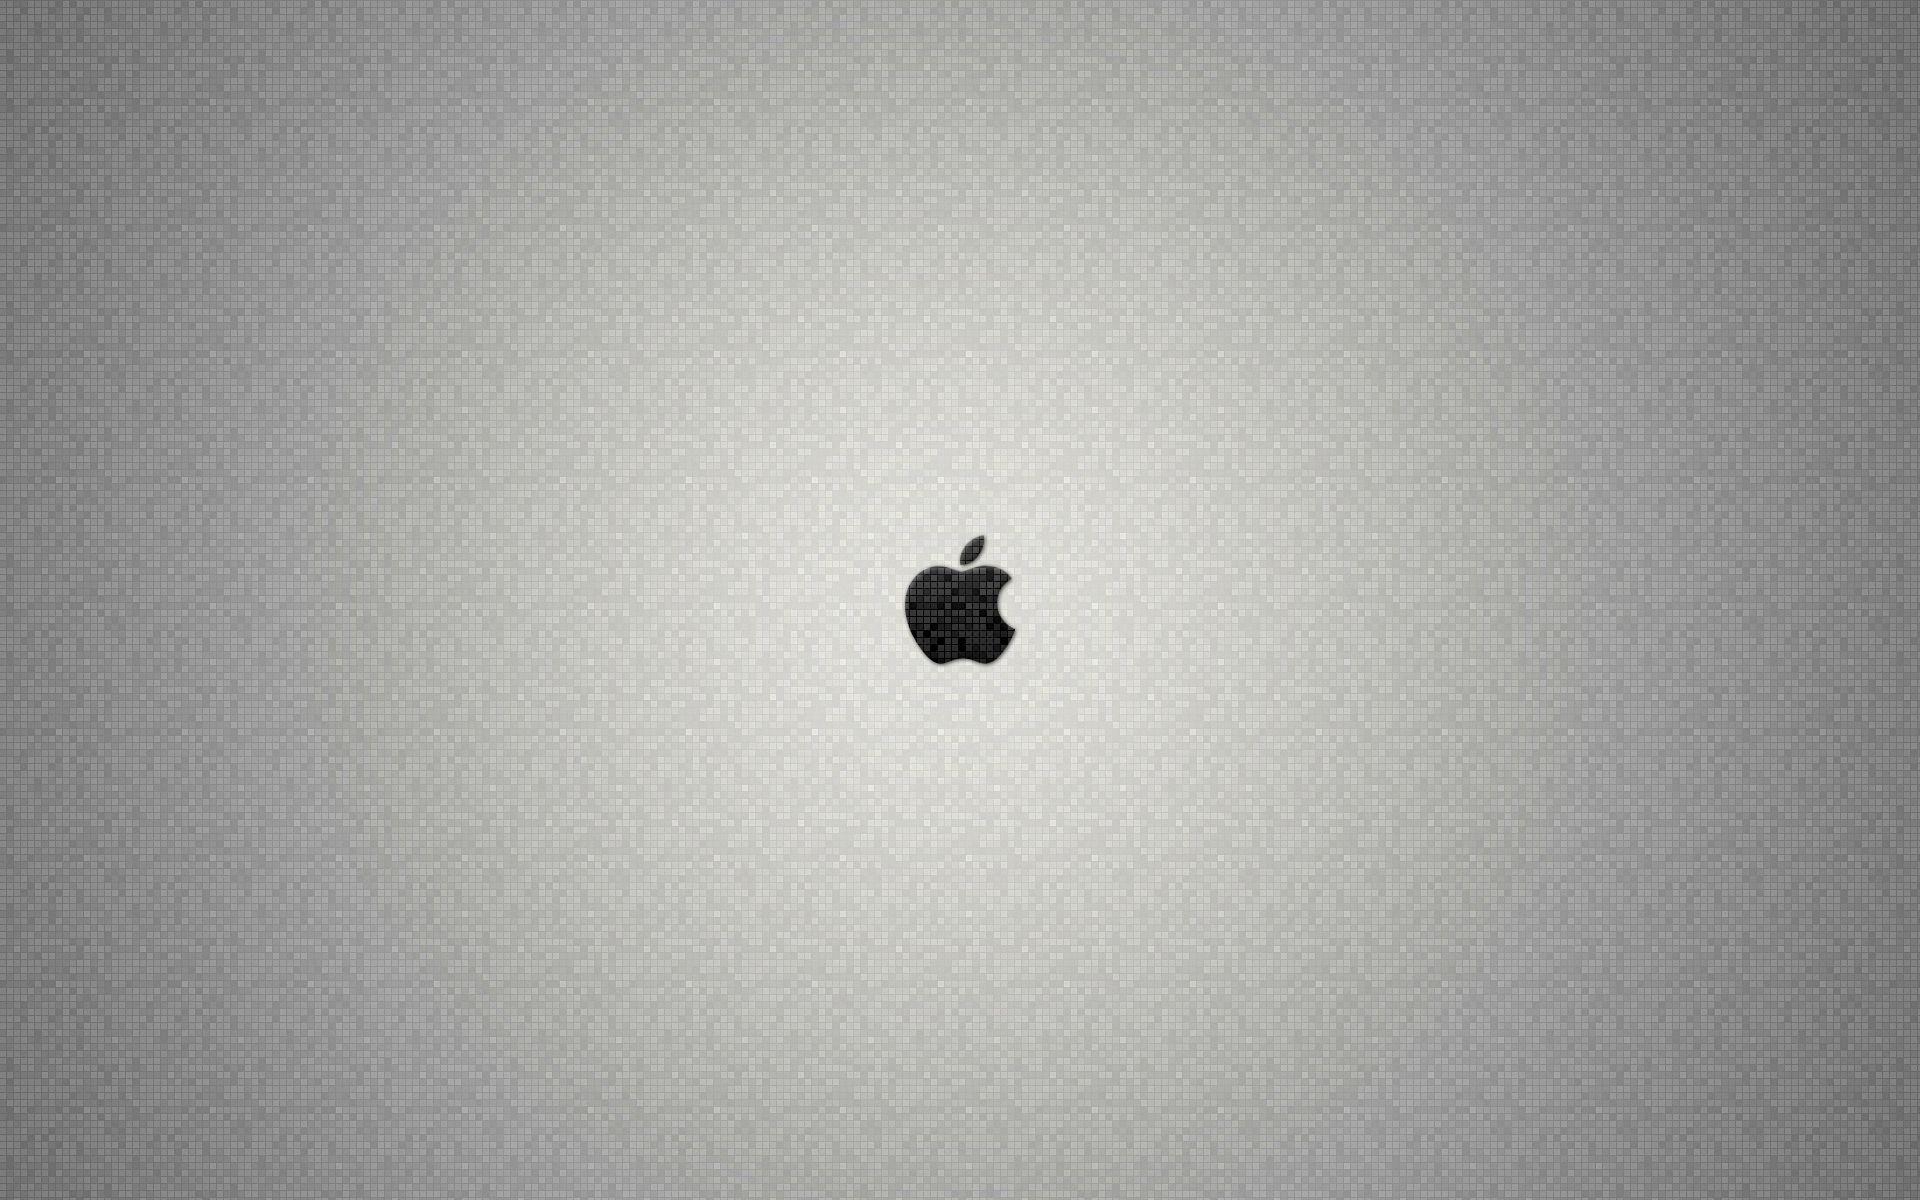 Картинки Яблоко, mac, бренд, логотип, фон, яркий, фирменный фото и обои на рабочий стол